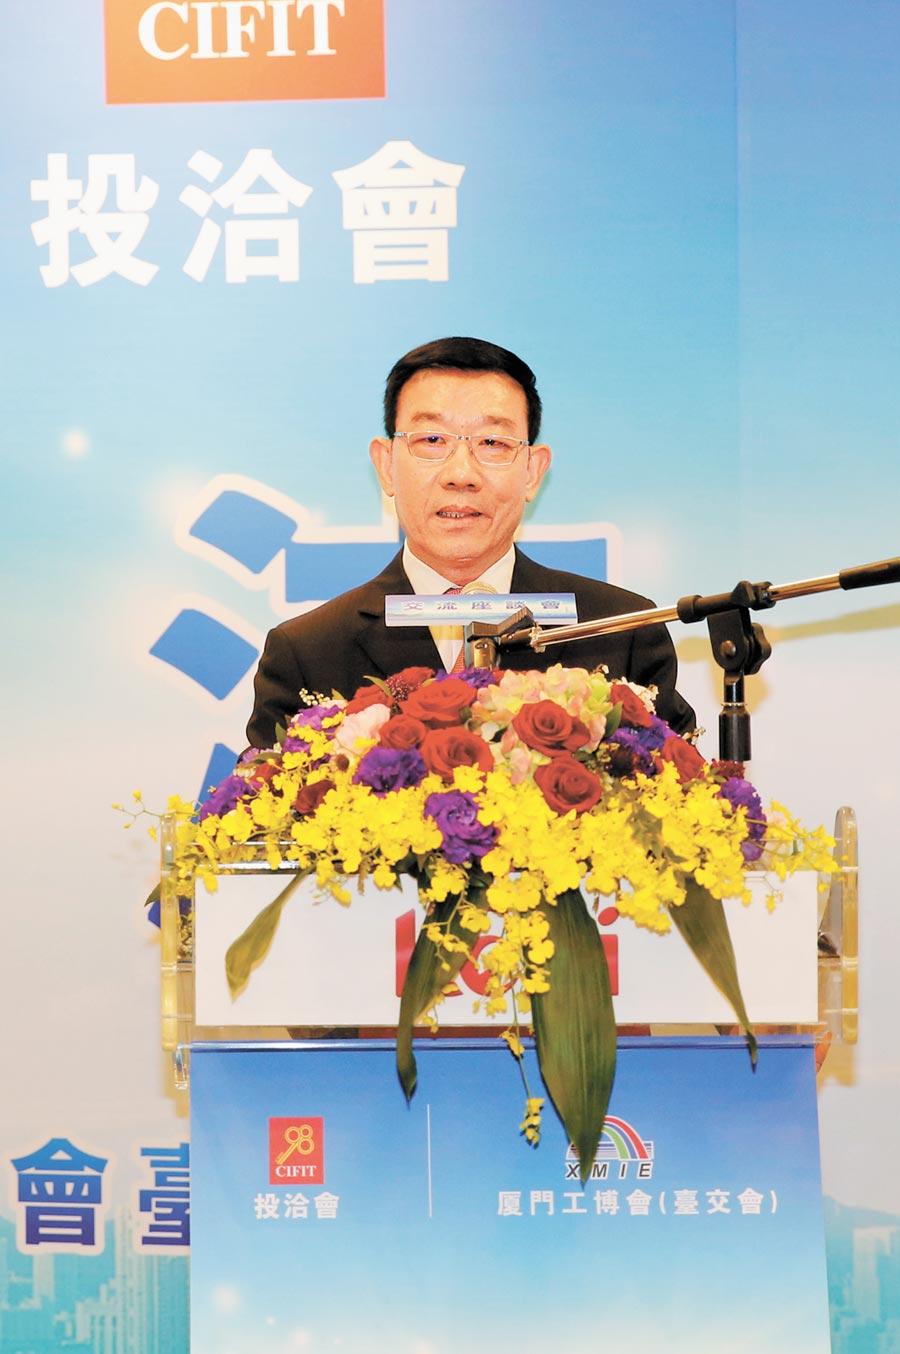 擔任中國機電產品進出口商會台北辦事處主任一職近六年半的李榮民將卸任。(中新社資料照片)